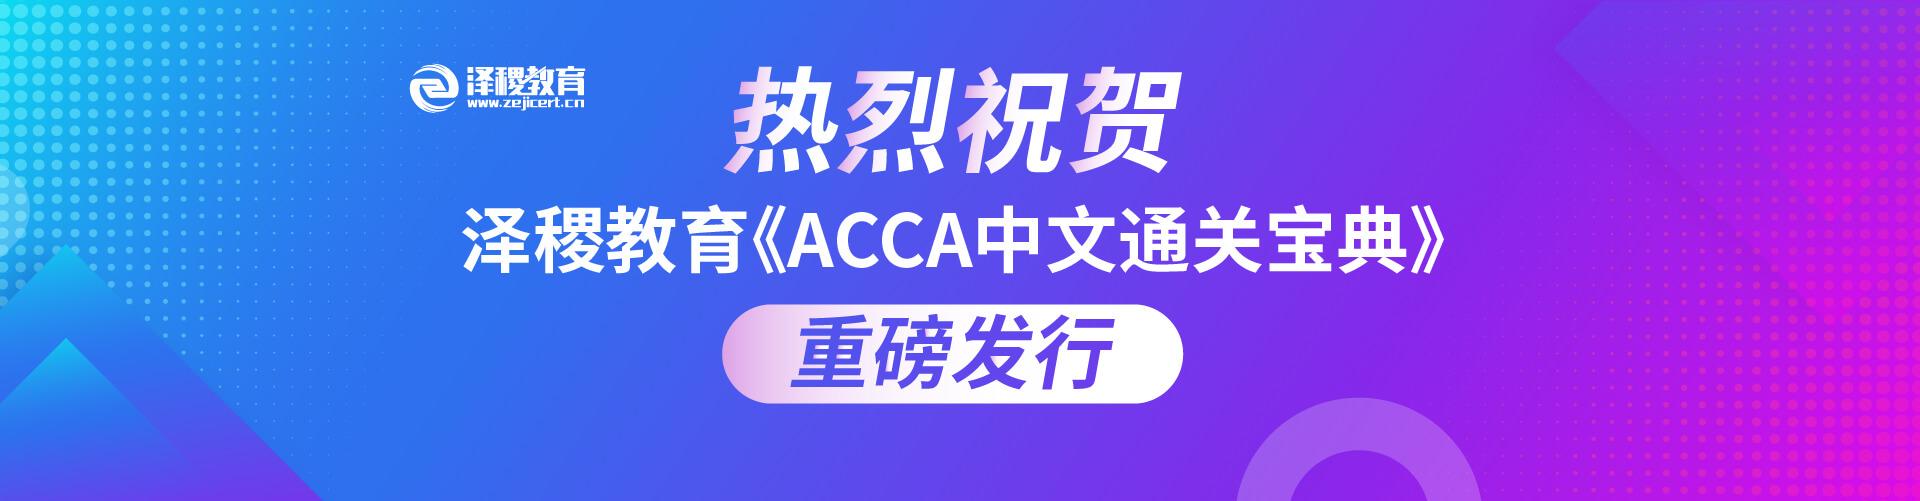 ACCA中文通关宝典